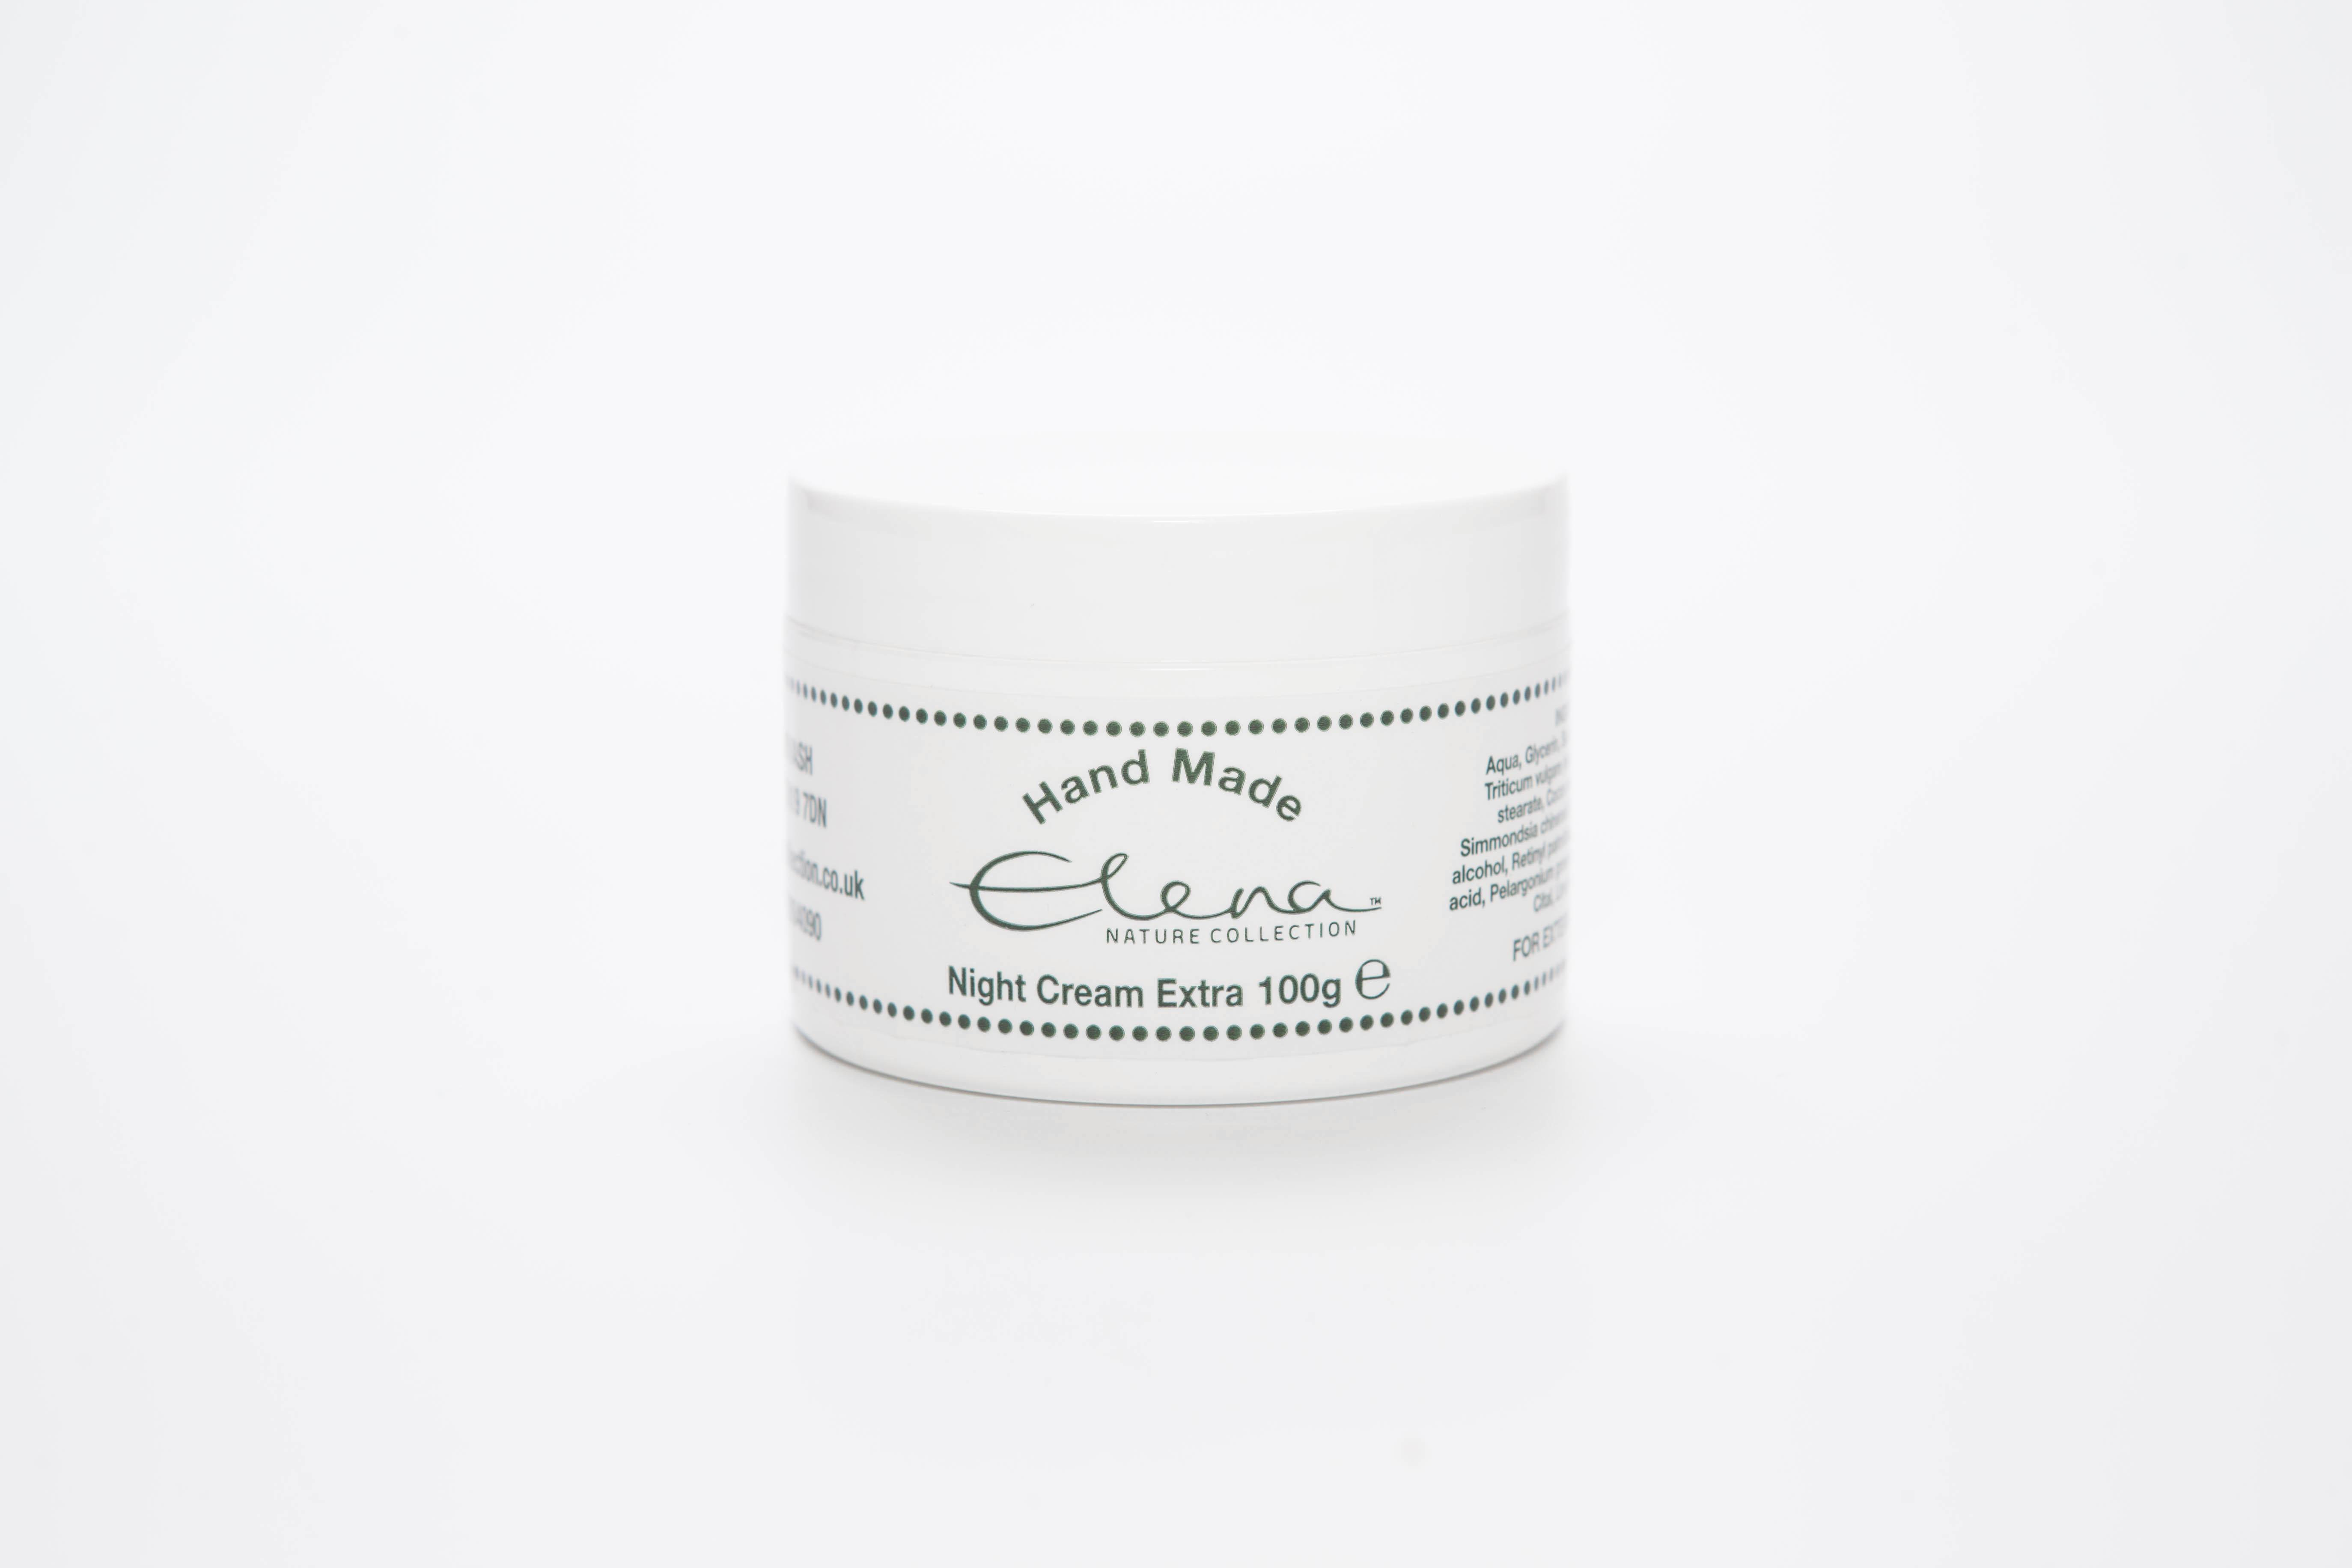 Night Cream Extra 100g 00008